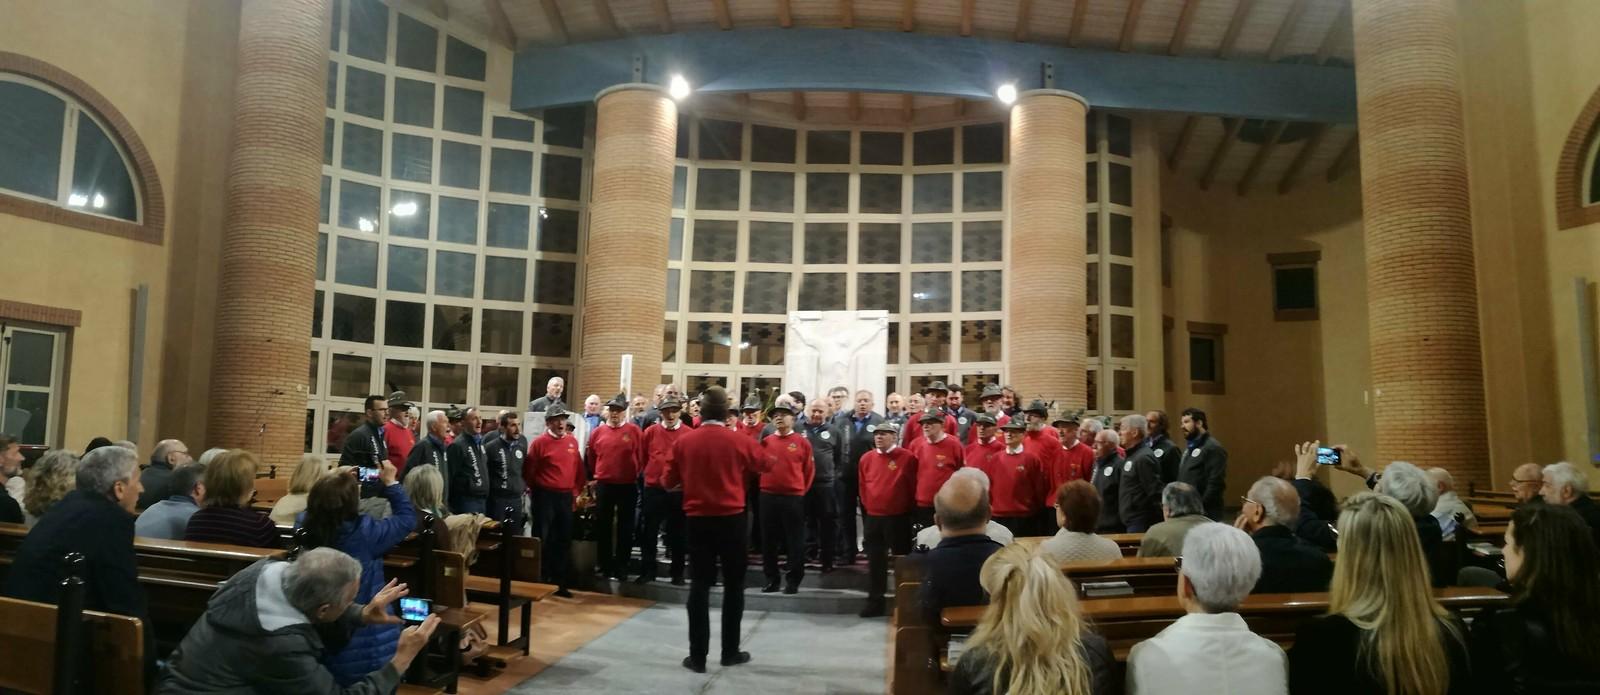 Zivido - Concerto degli Alpini